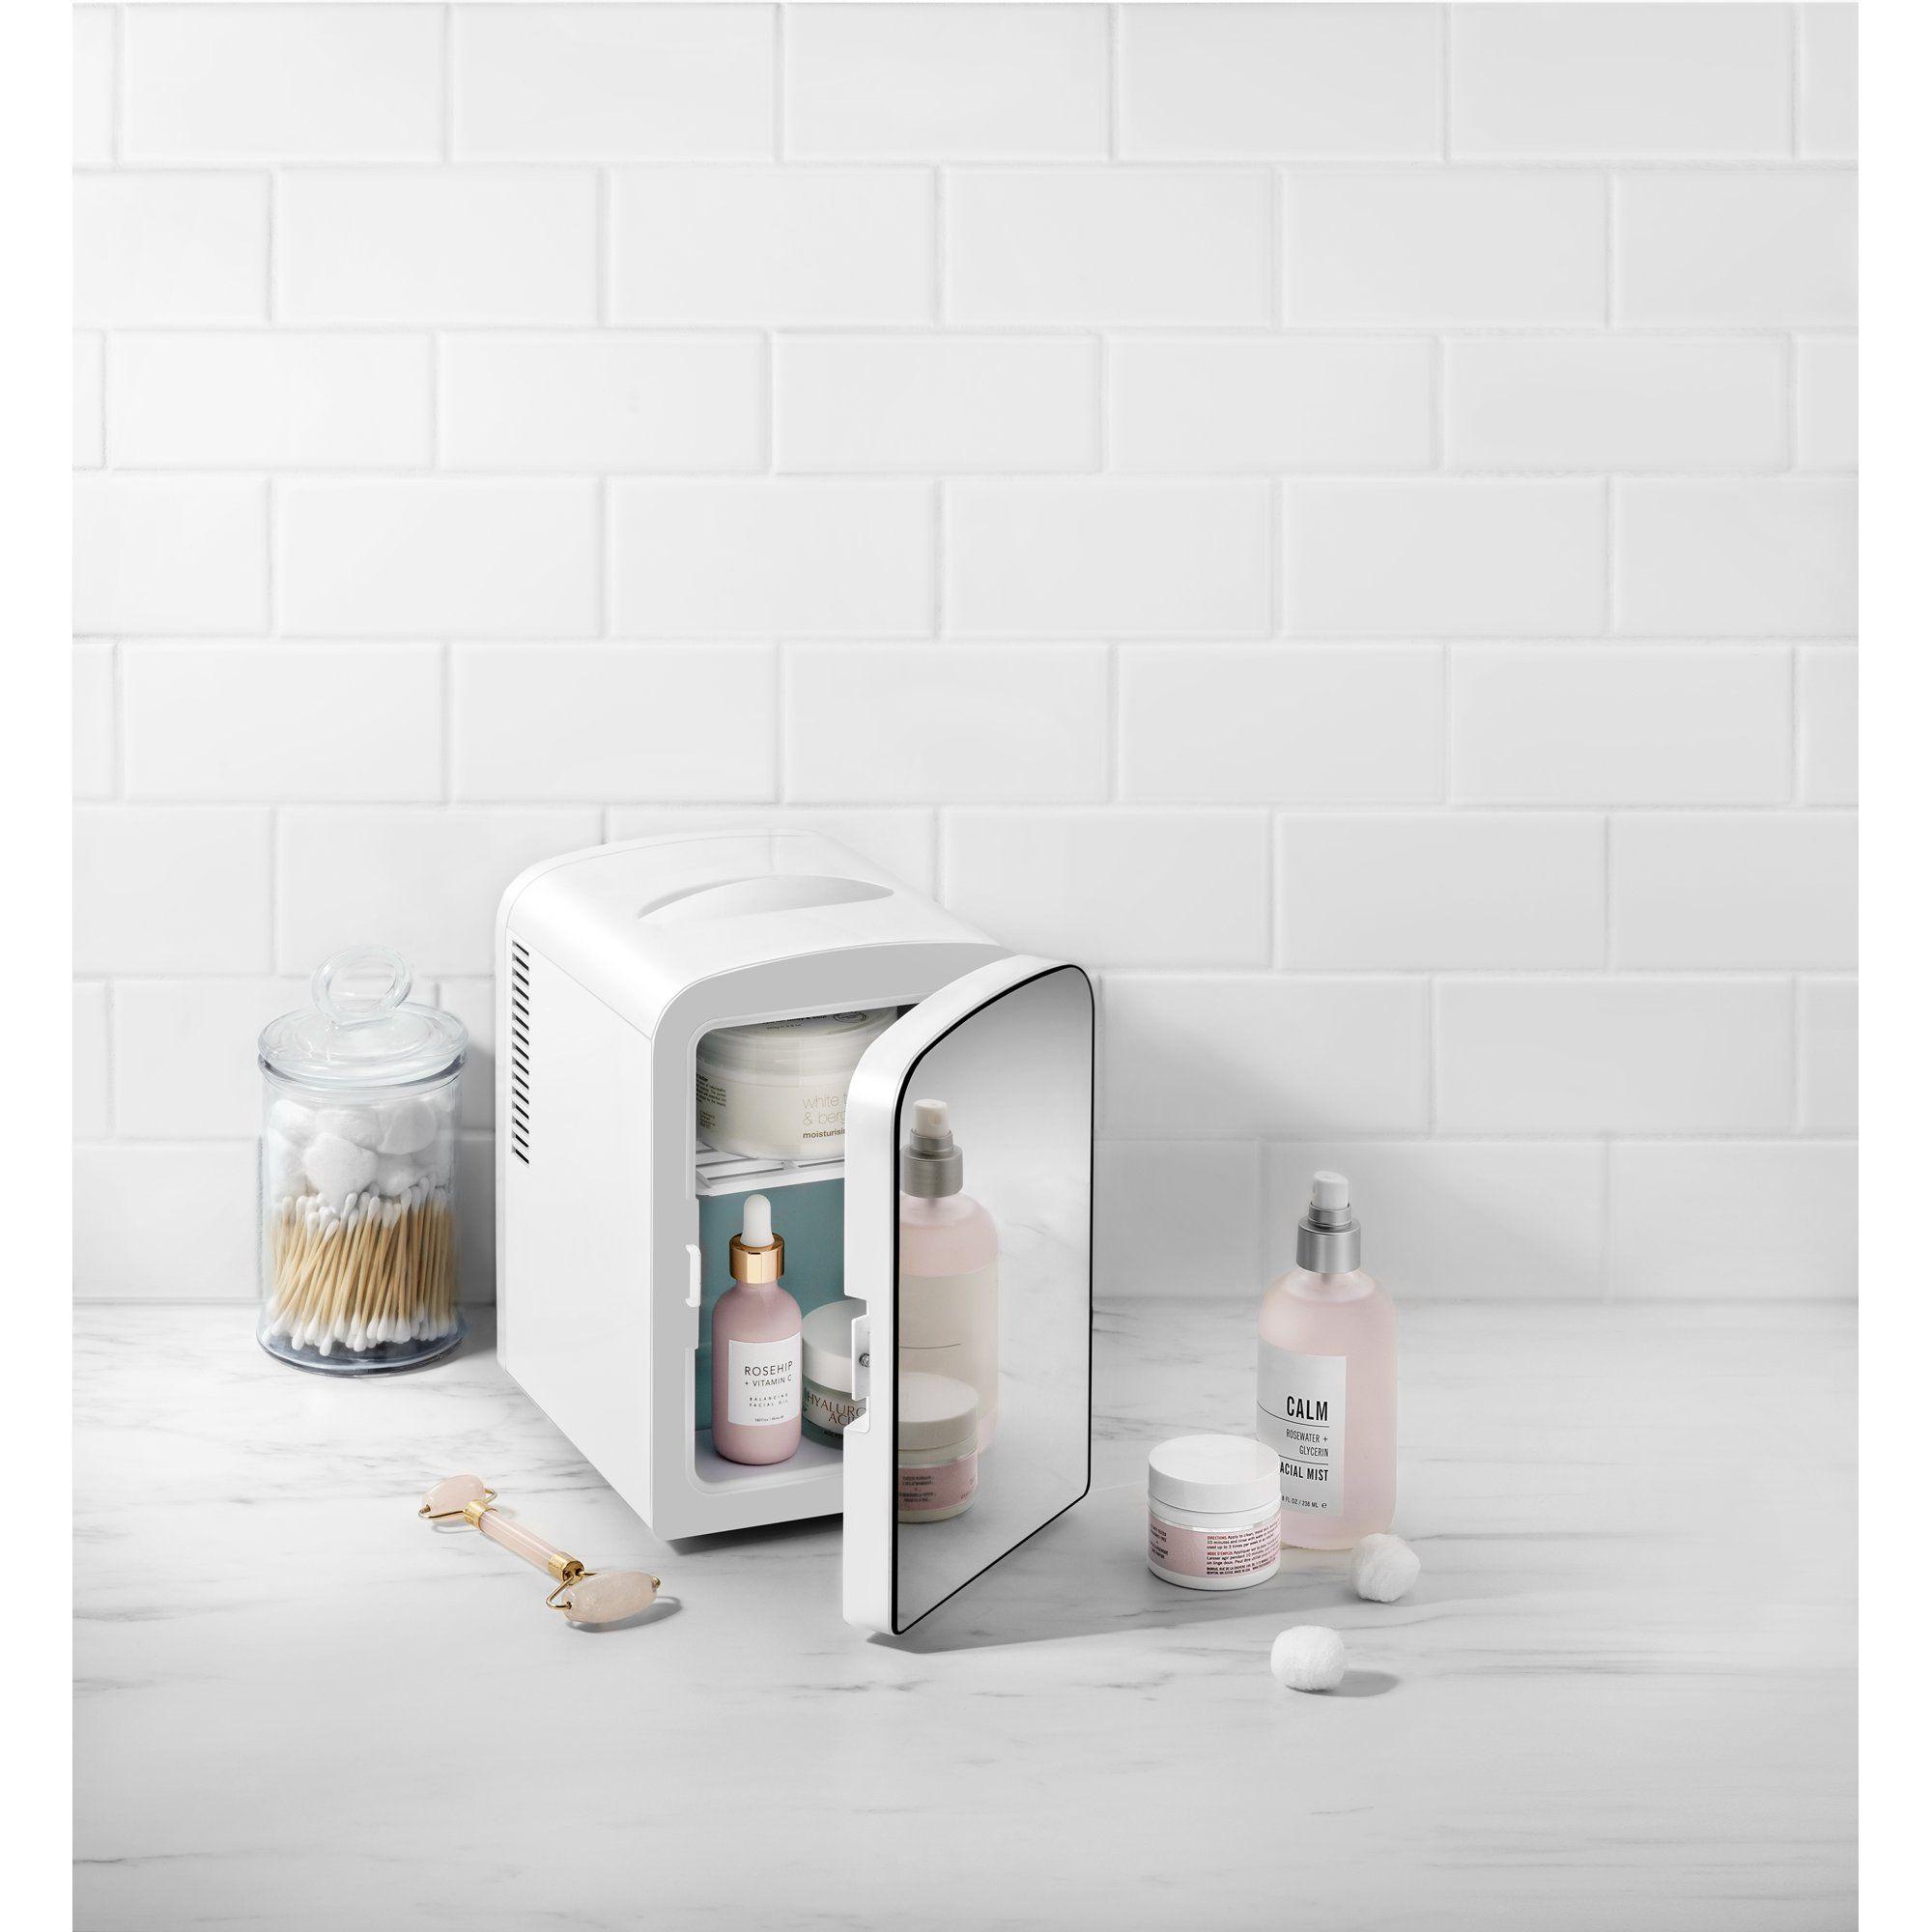 Chefman Mini Portable Mirror Personal Fridge White Walmart Com In 2020 Personal Fridge Portable Mirror Mini Fridges